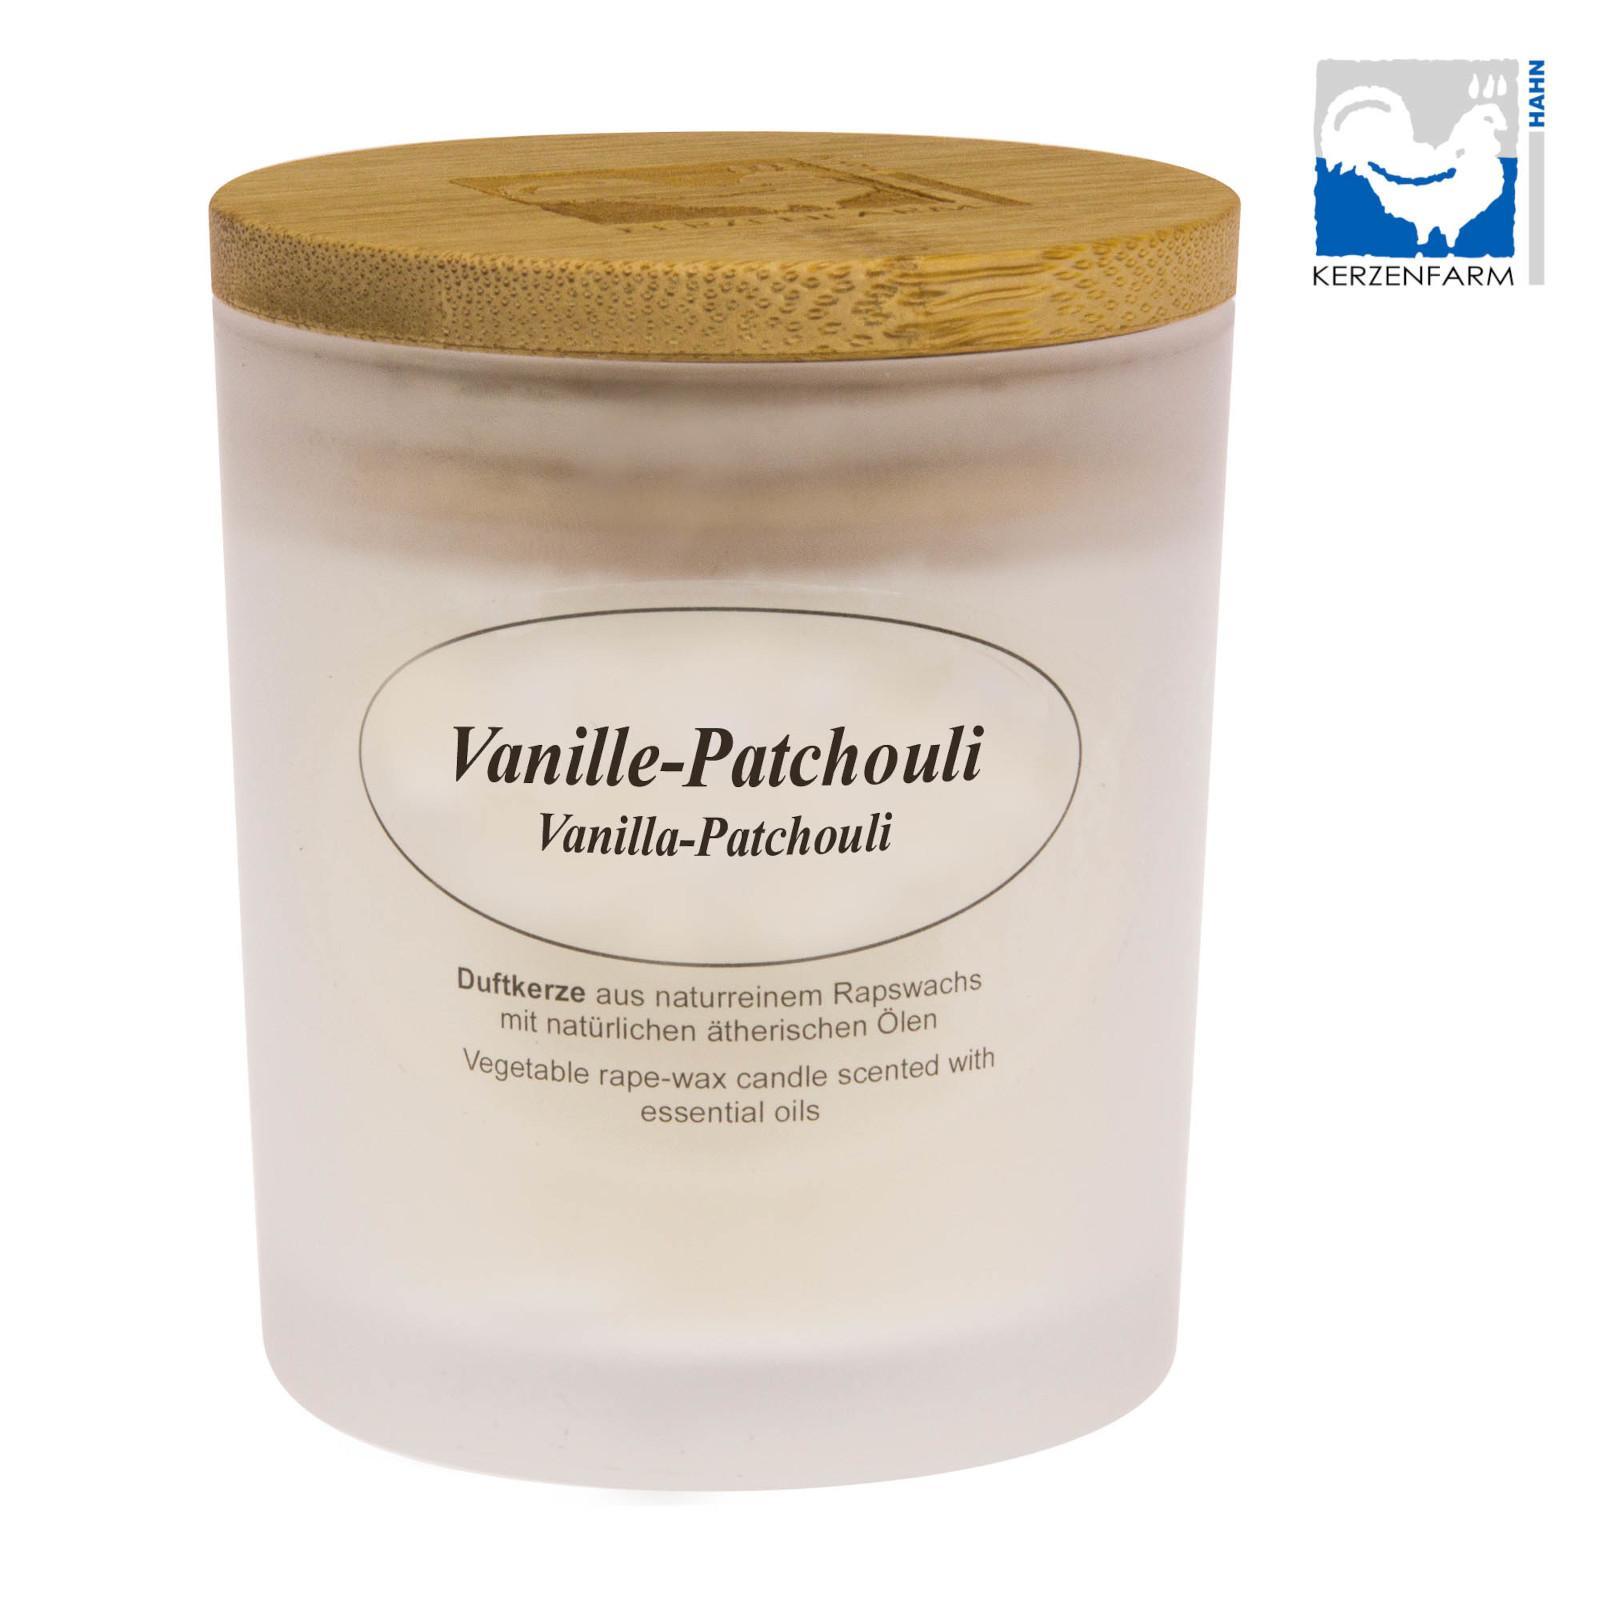 Kerzenfarm Přírodní svíčka Vanilla Patchouli, mléčné sklo 8 cm